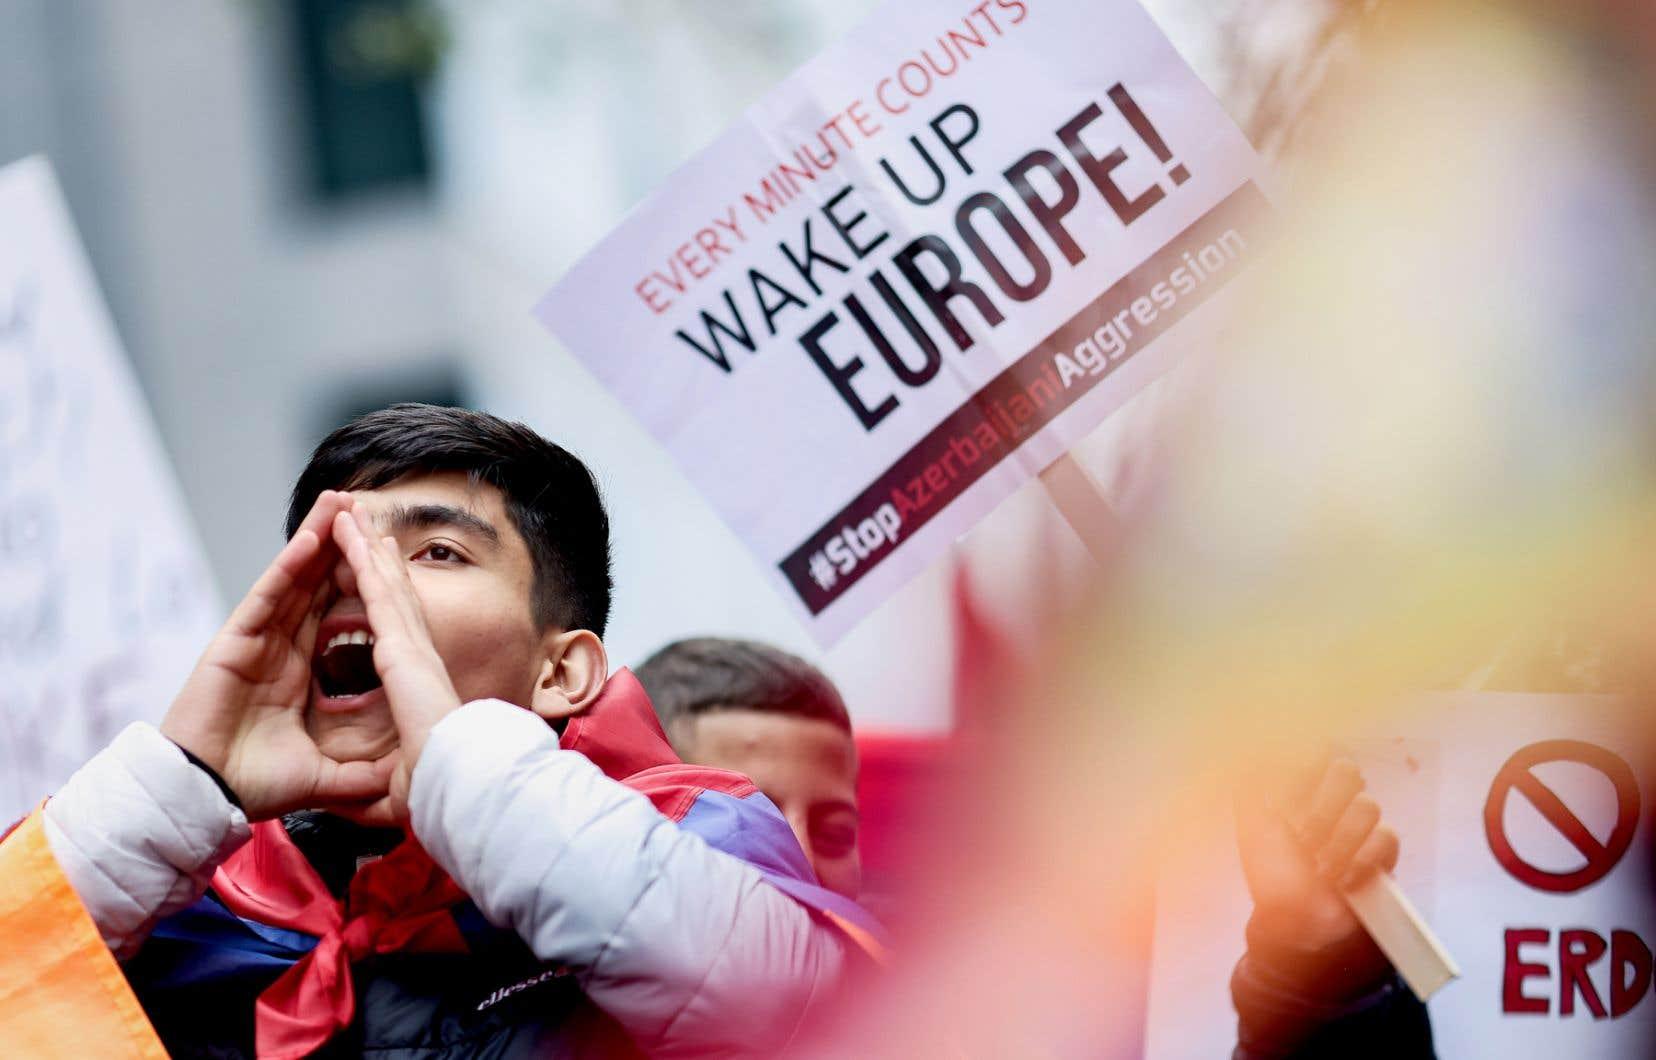 Près du siège de la Commission européenne à Bruxelles, un manifestant lance des slogans réclamant la fin du conflit dans le Haut-Karabakh.